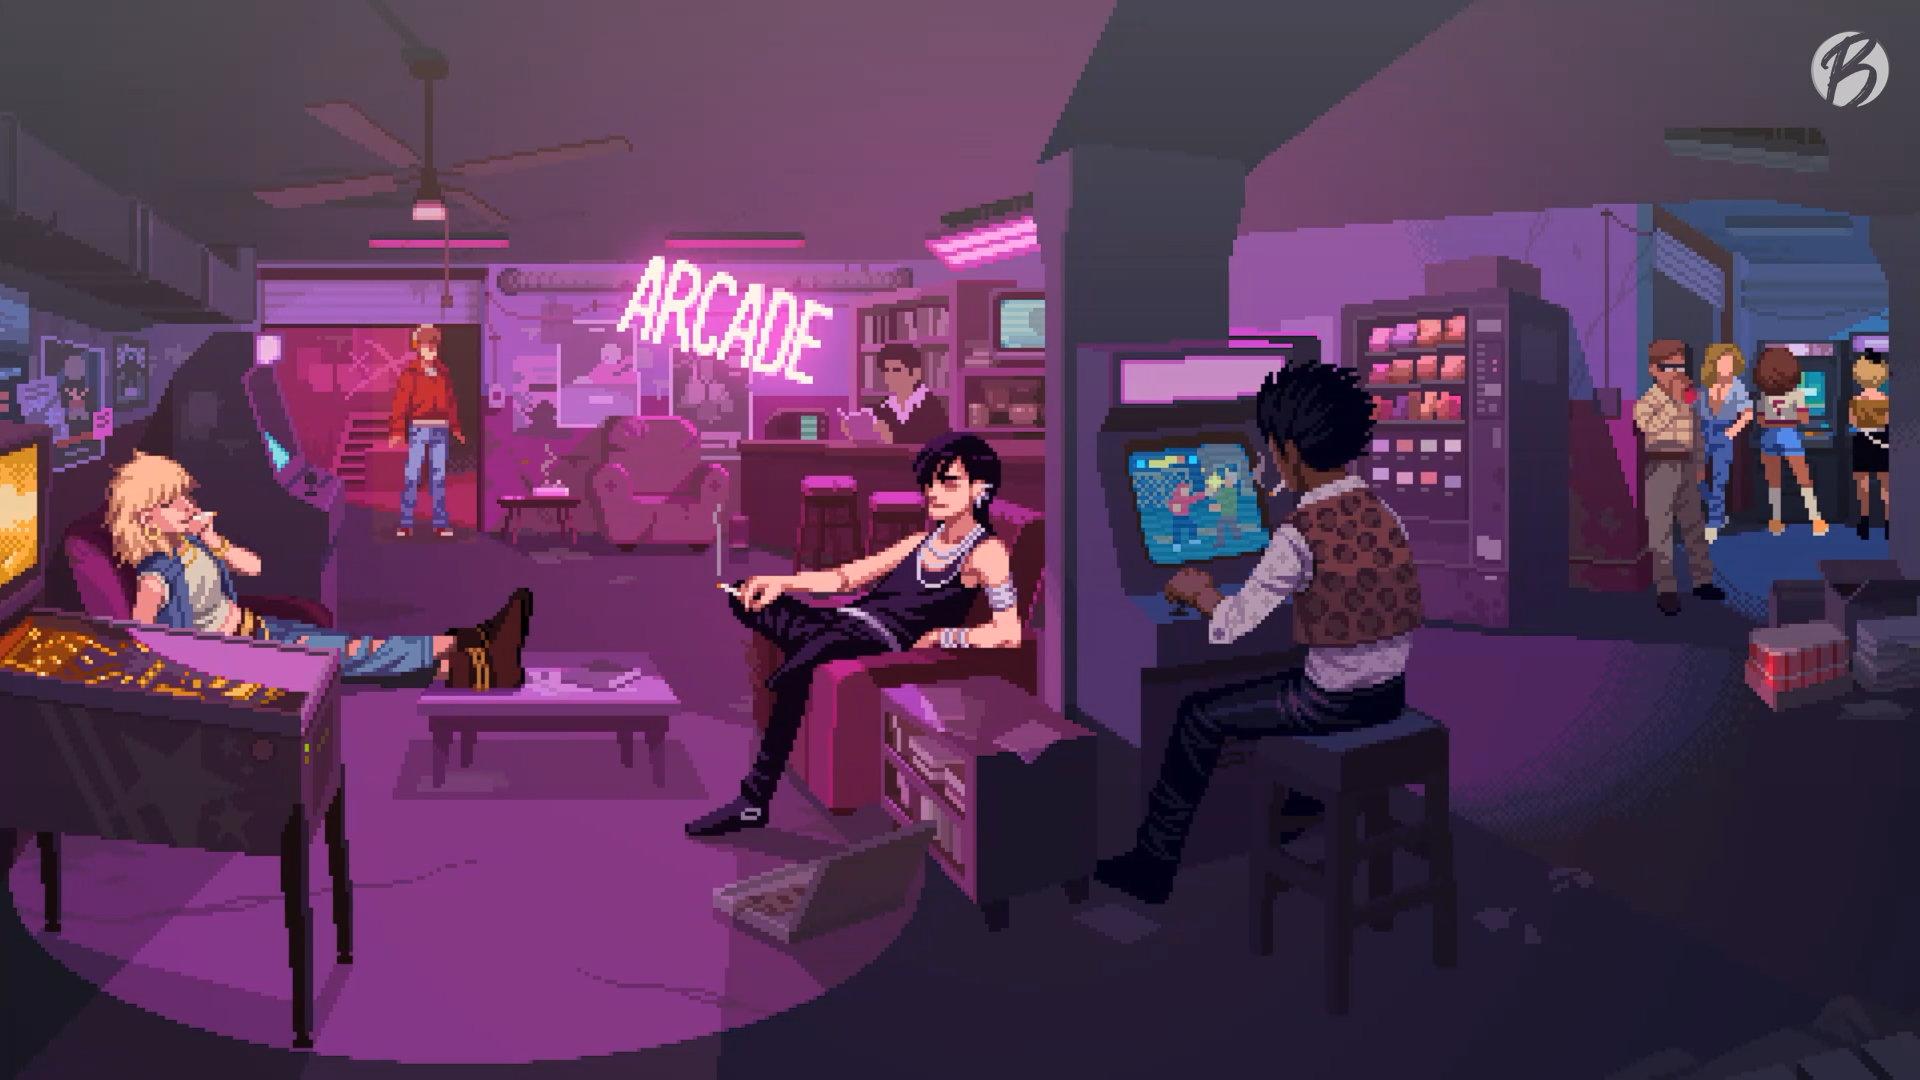 198X - Ein Keller voller Automaten